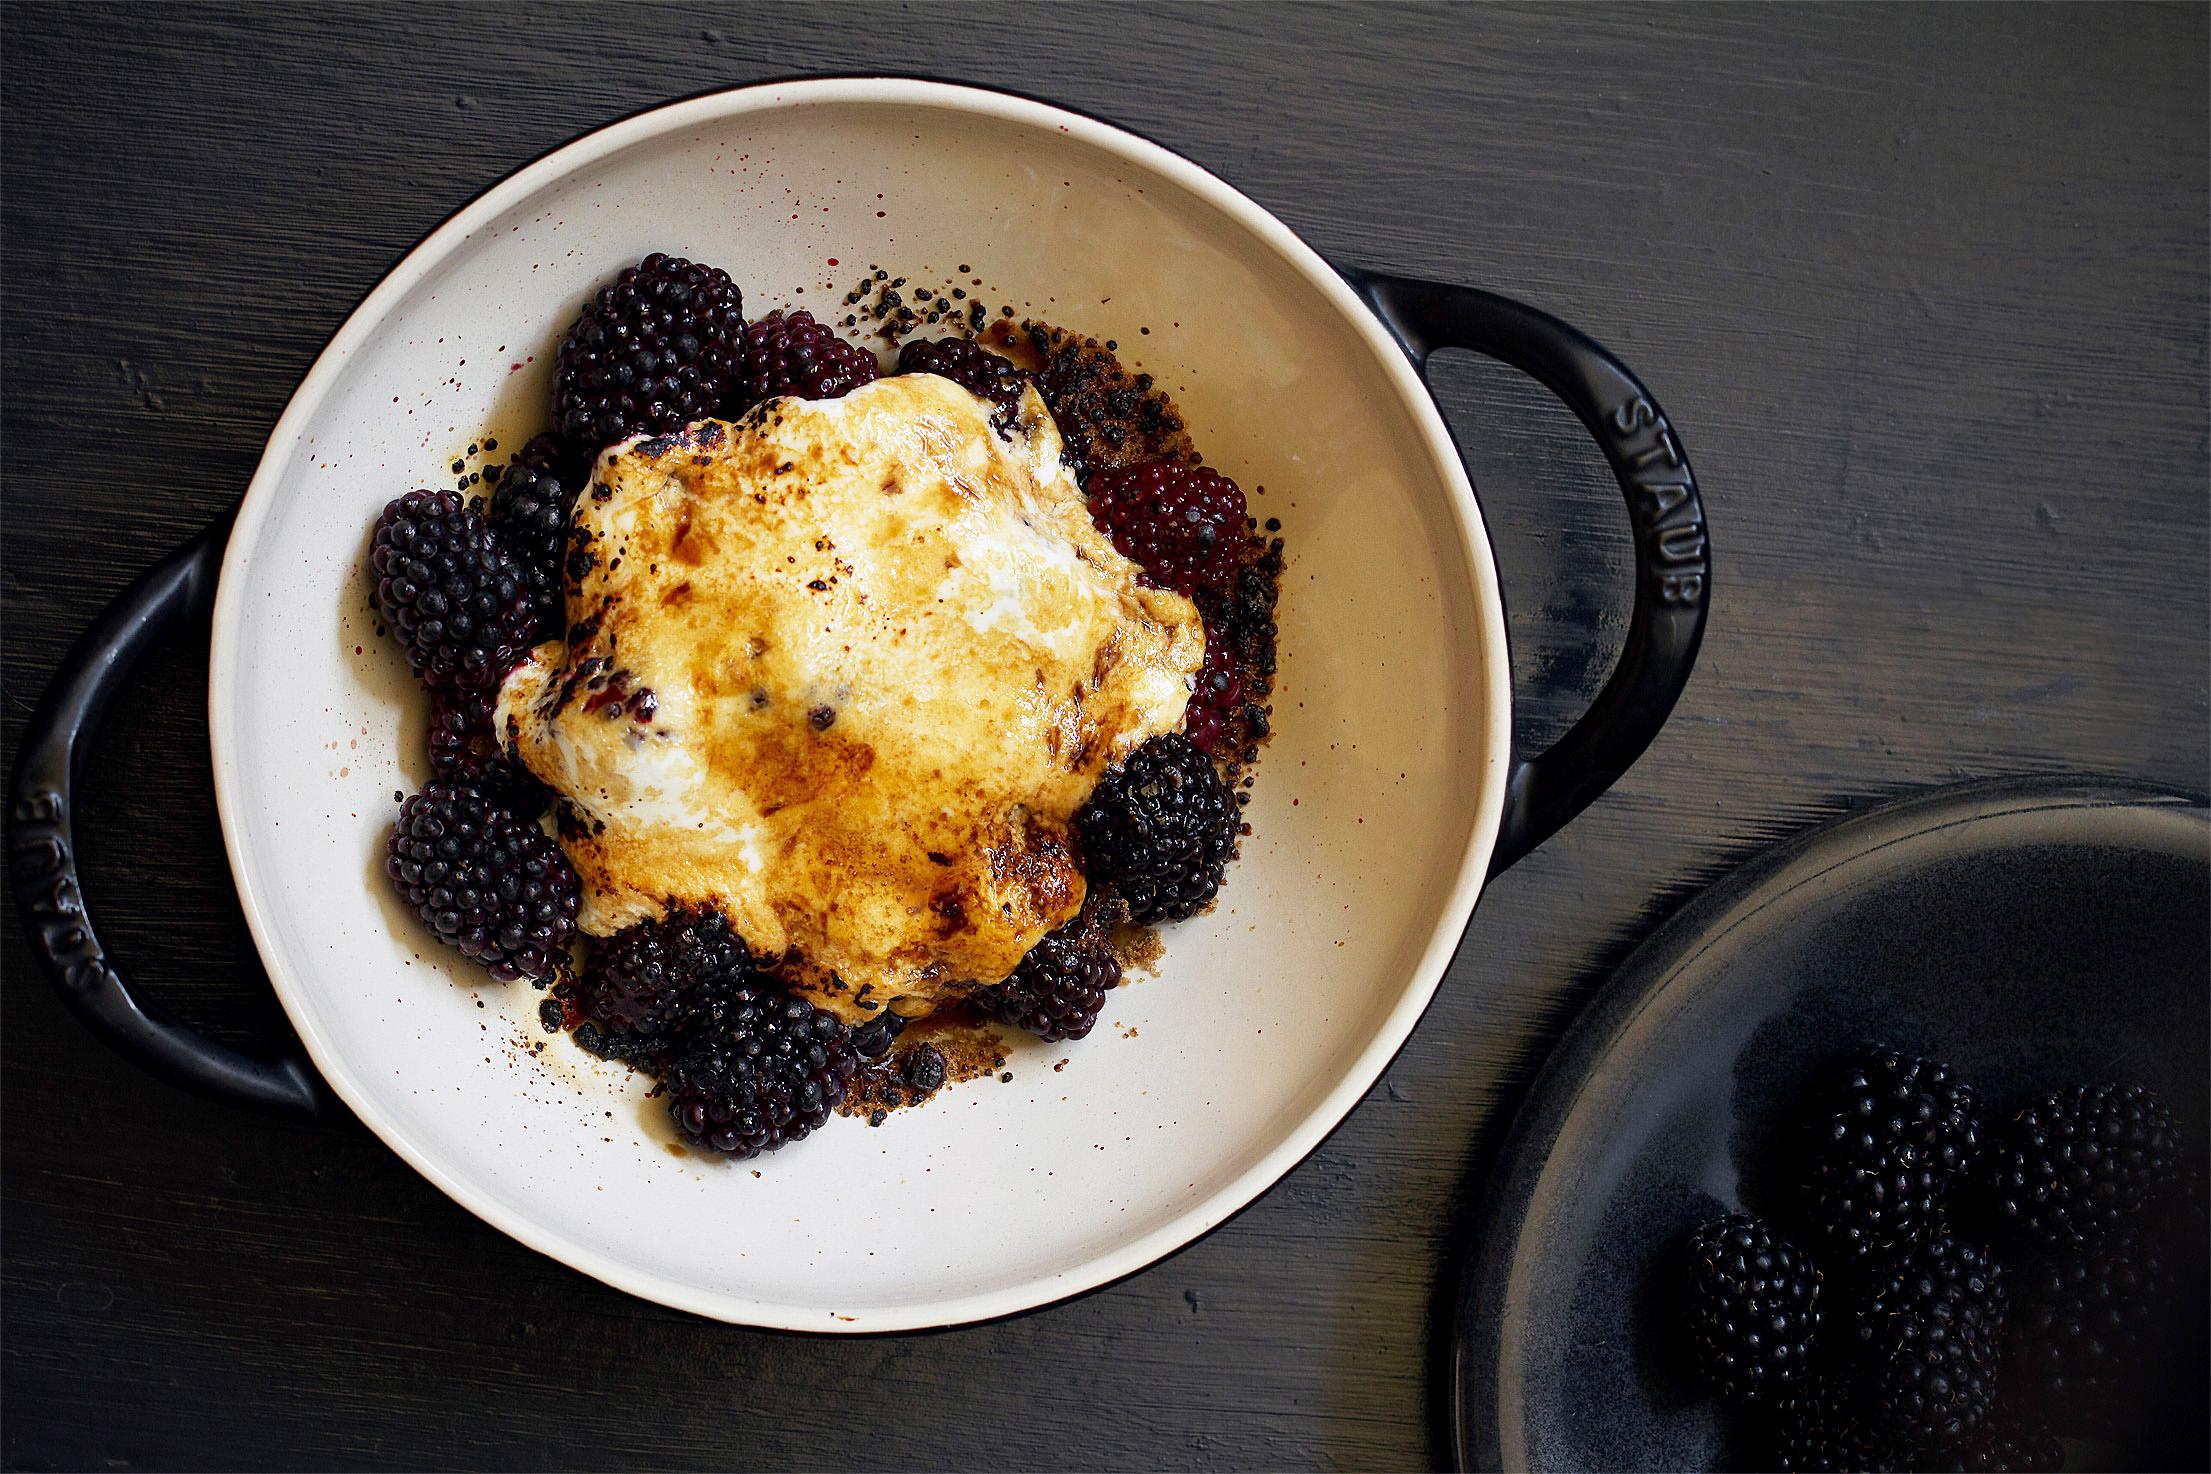 Broiled Blackberries from the Bijouxs Garden